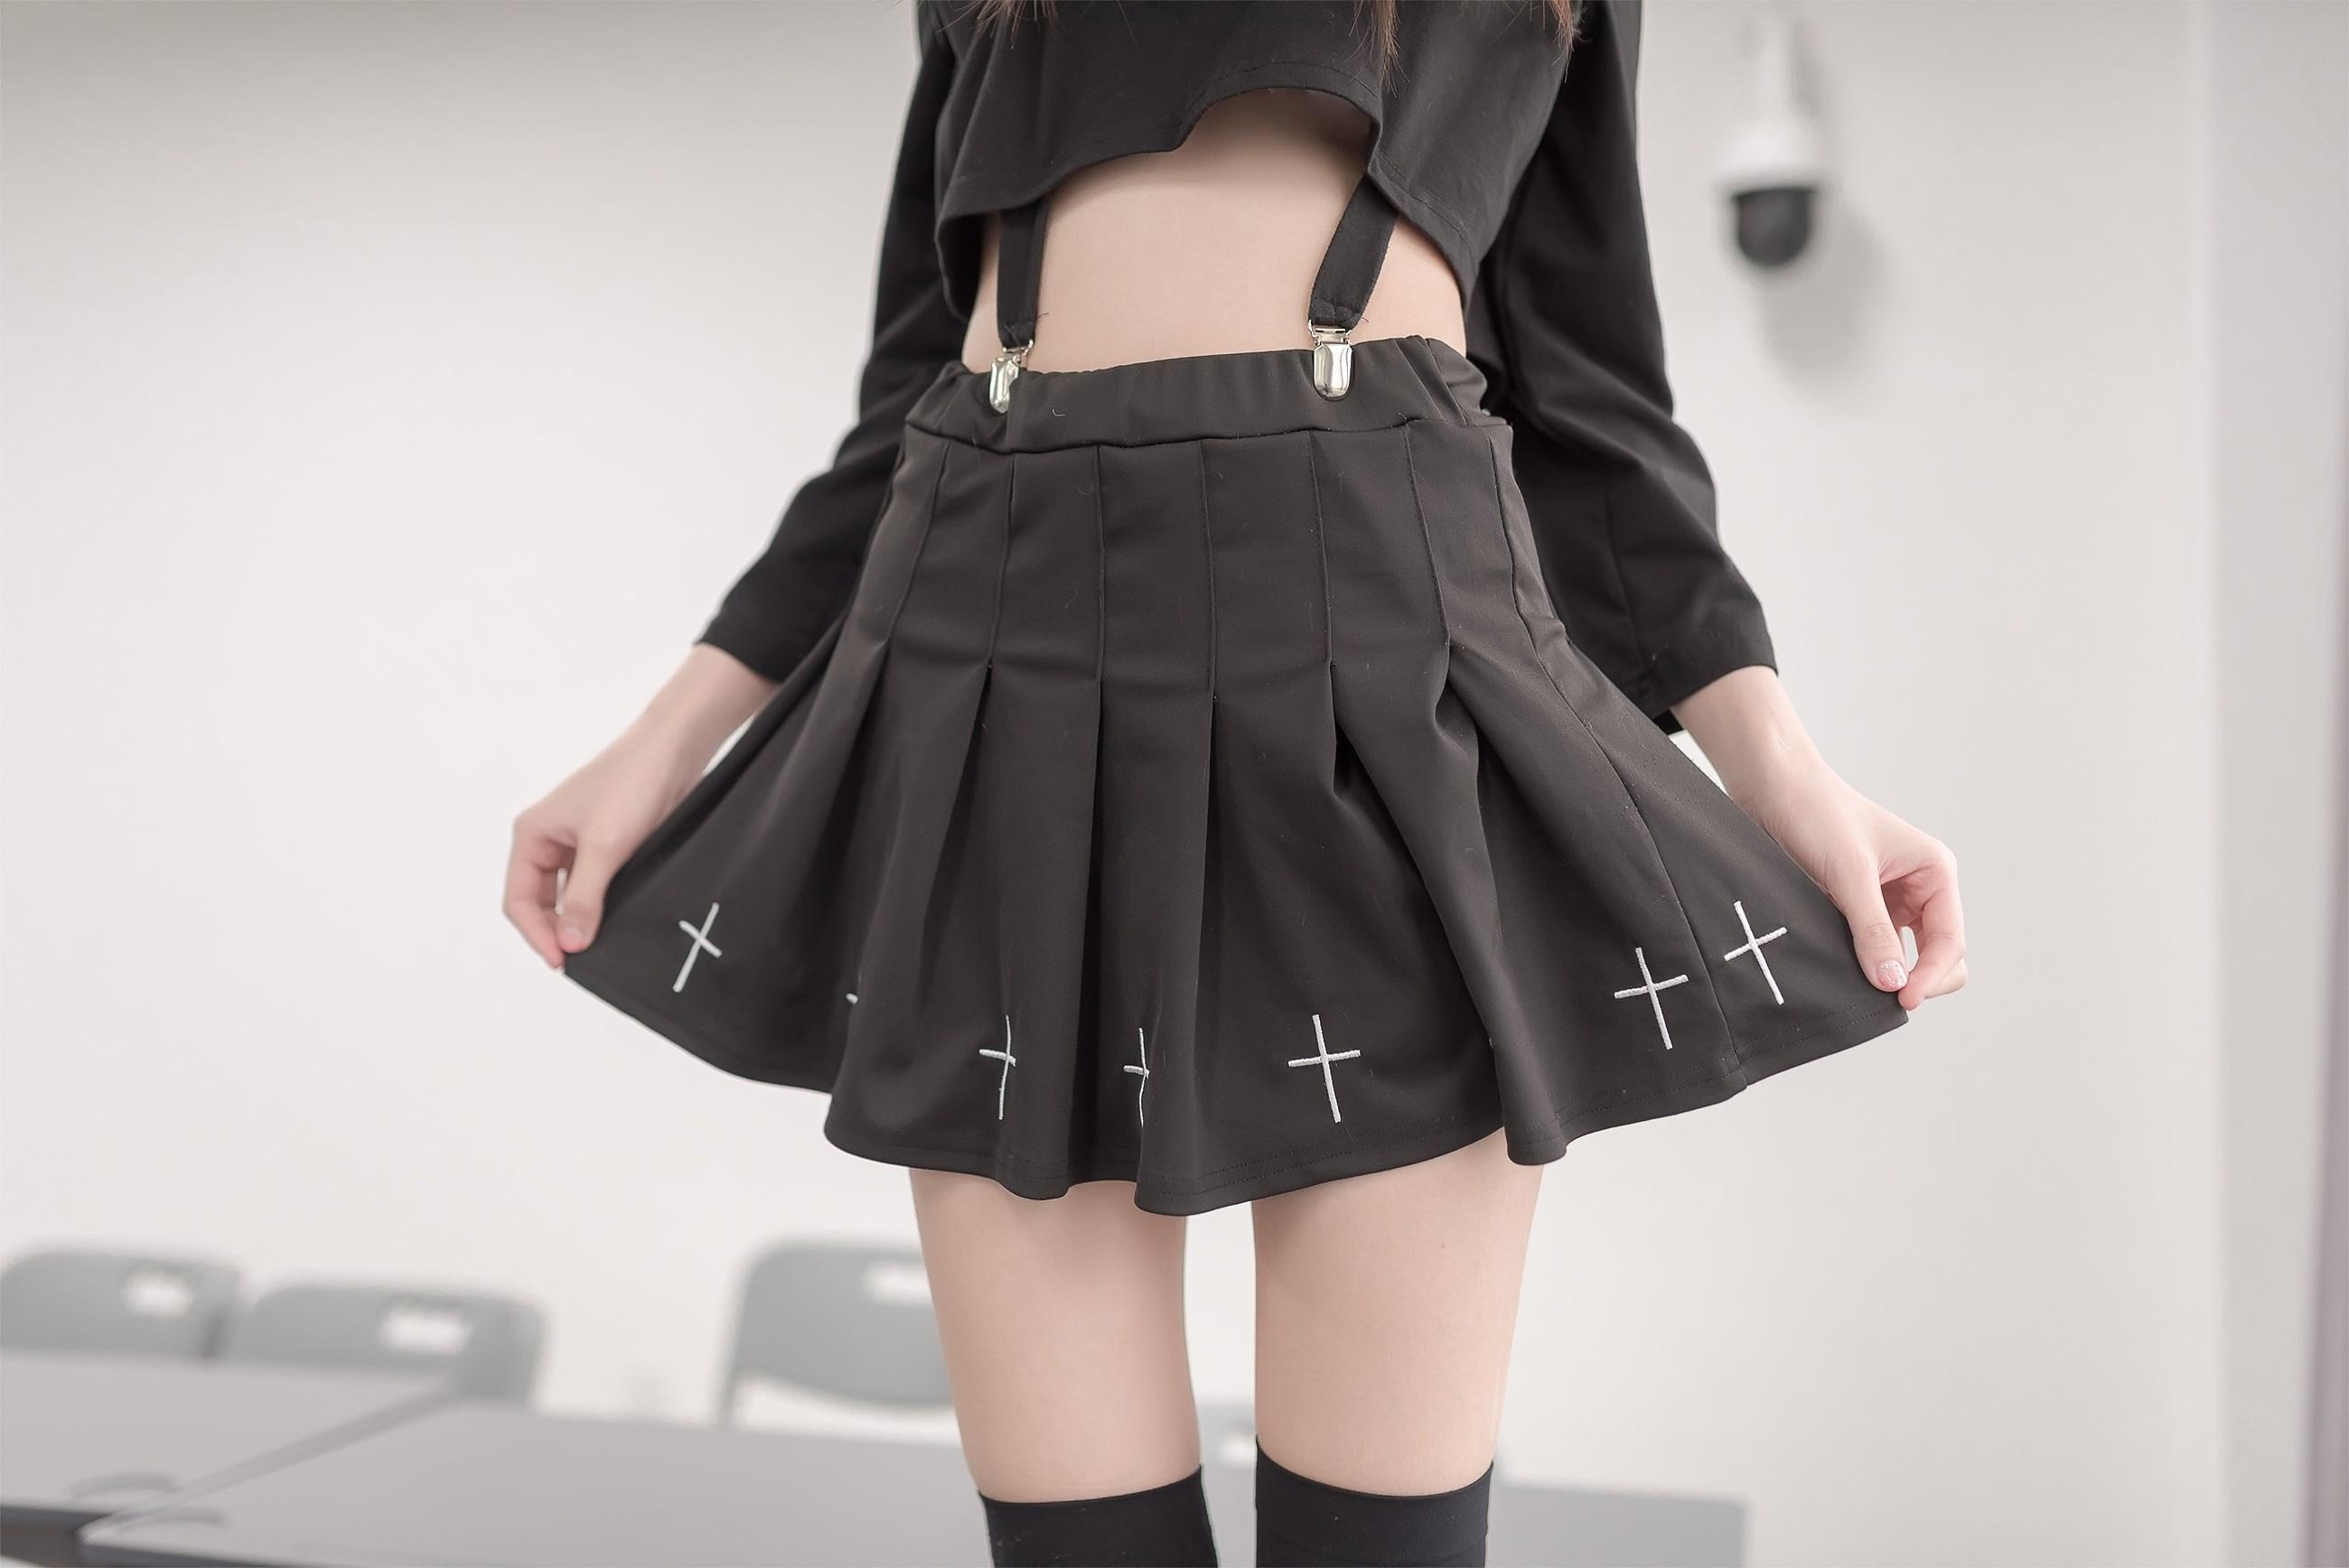 【兔玩映画】吊带的小裙子 兔玩映画 第7张